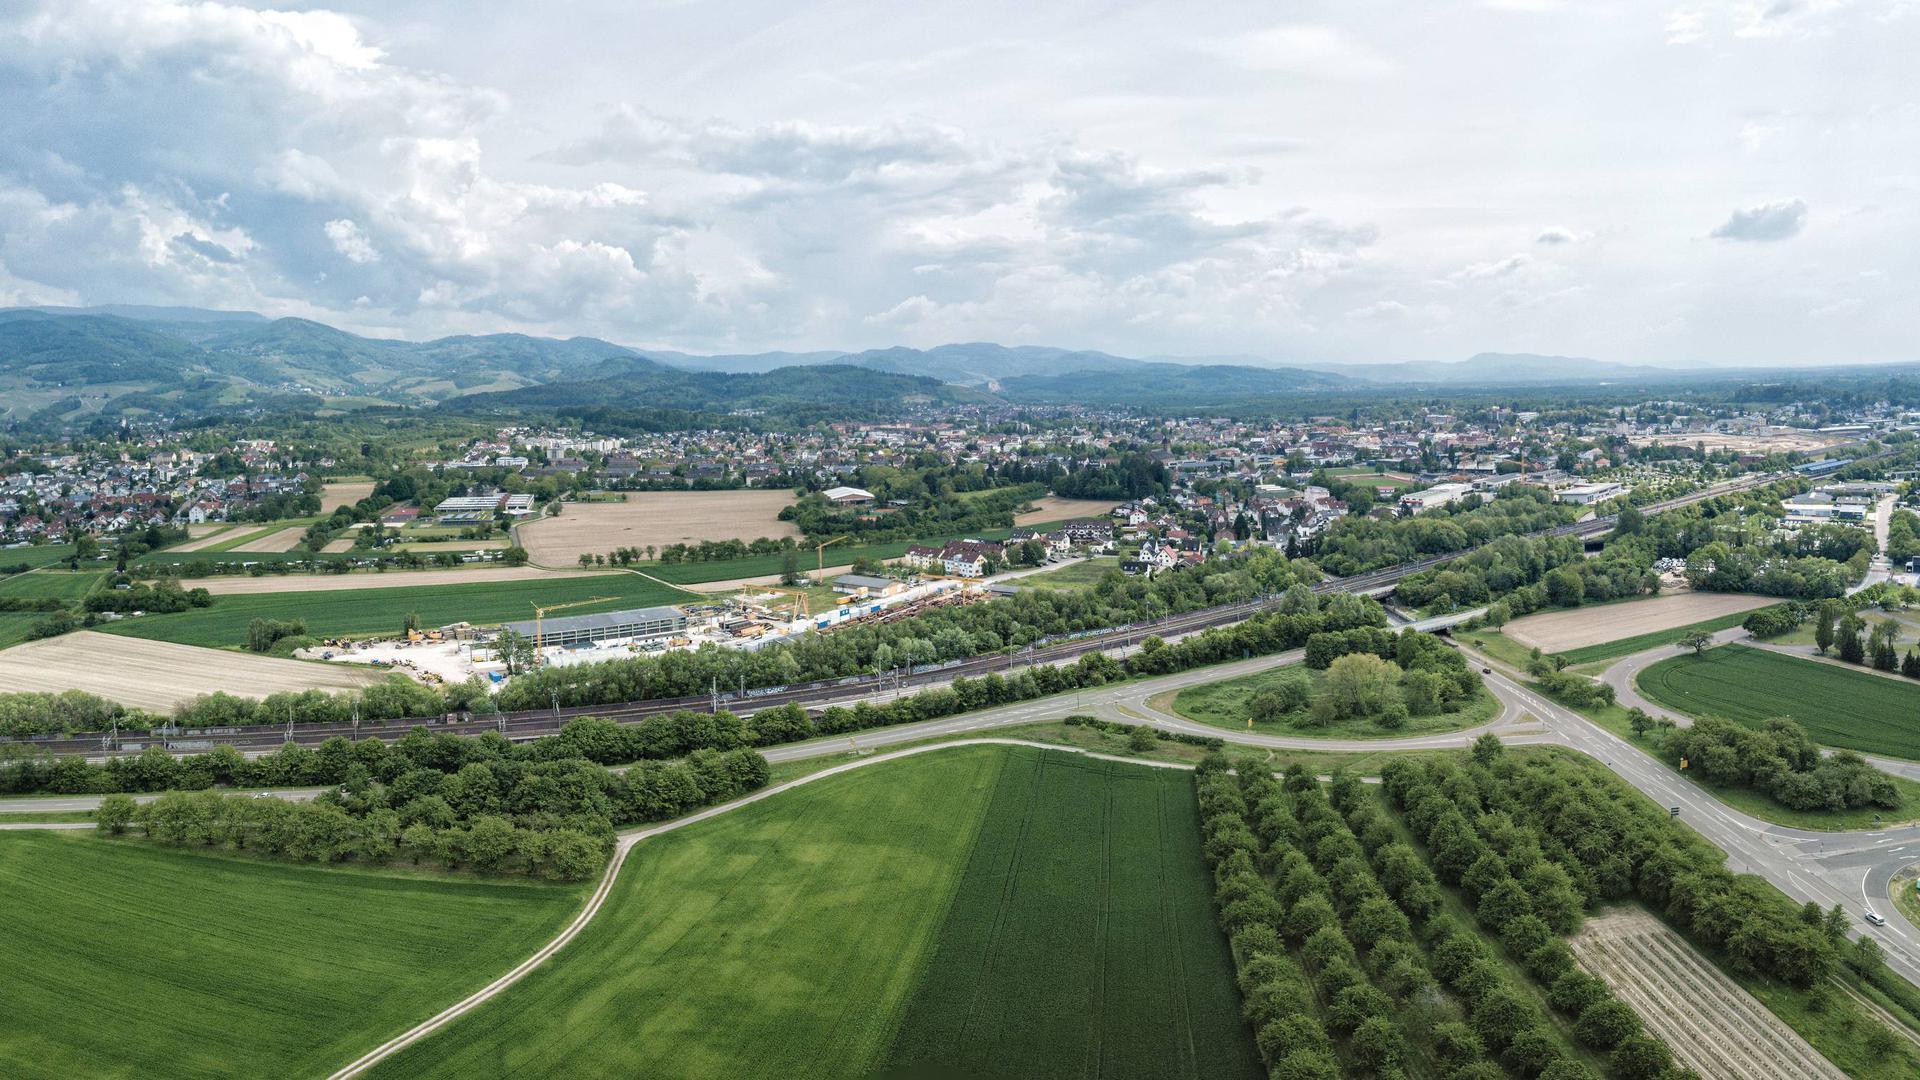 Nordtangente in Planung: Eine neue Straße soll eine Verbindung zwischen der Infrastrukturstraße (Kreisstraße 5309) und der Sasbacher Straße (Kreisstraße 5308) schaffen. Dazu müssen die neue Bundesstraße 3 und die Bahnlinie gekreuzt werden.